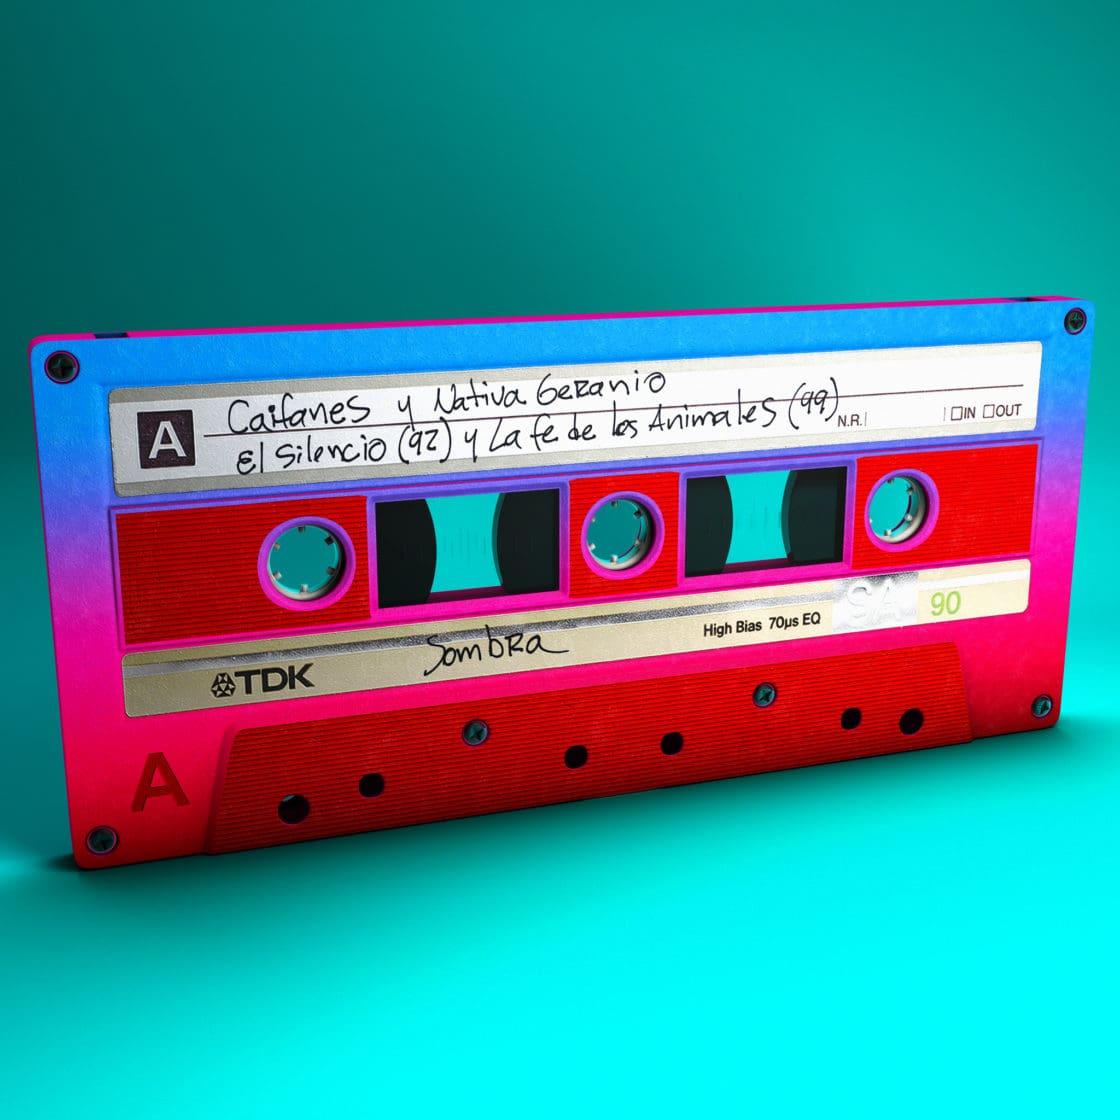 la-casa-009-santasombra-victor-ruano-cassette-music-A